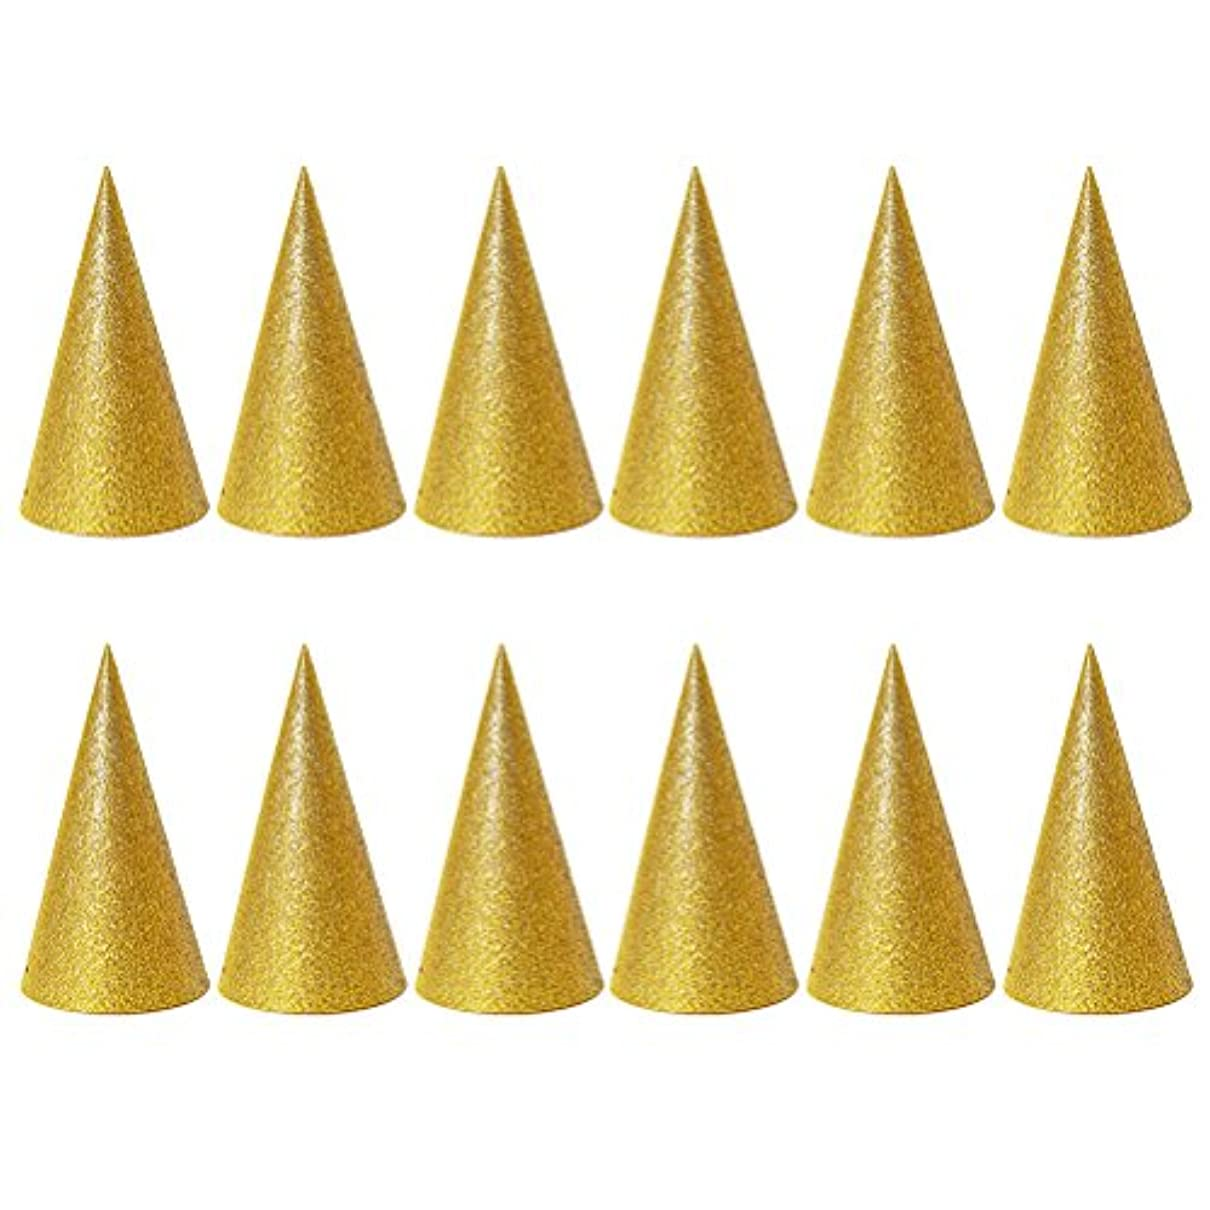 SUPVOX 子供と大人のパーティーのための12個のキラキラコーンパーティー帽子トライアングルバースデー帽子は装飾を飾ります(ゴールデン)